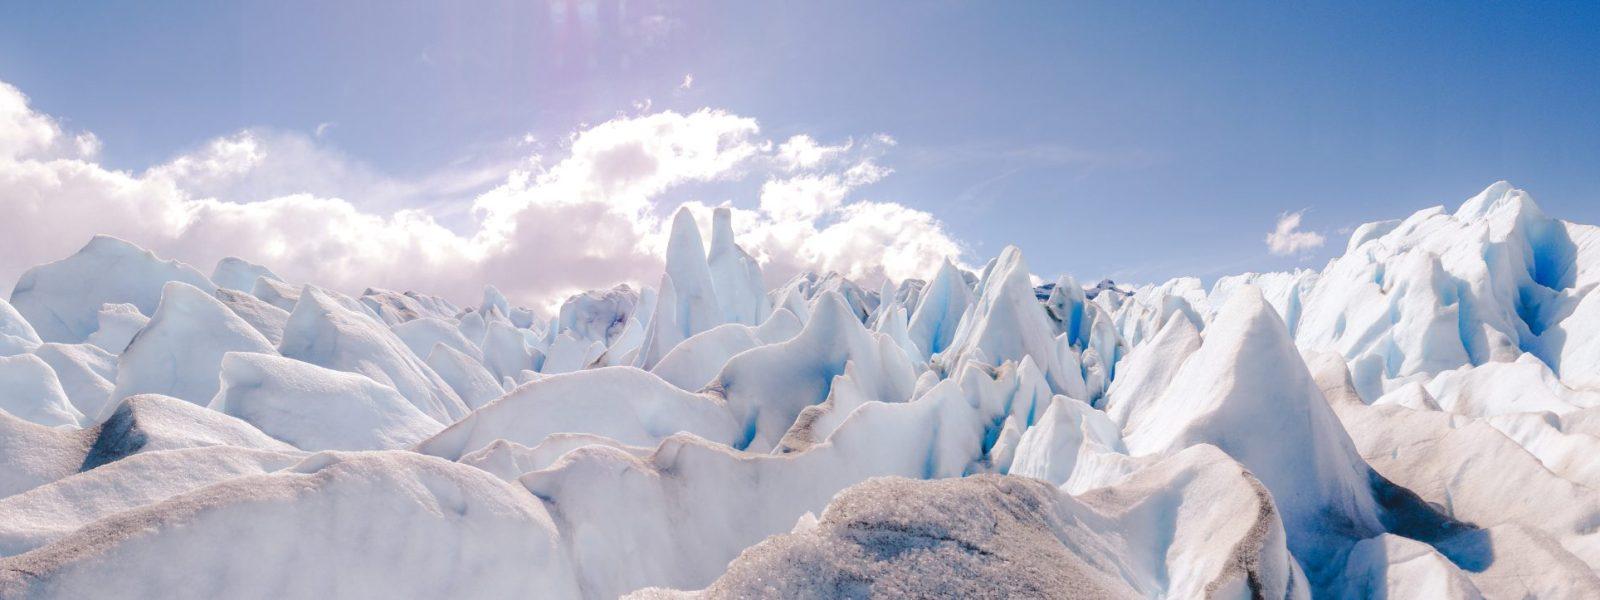 Bezoek én hike op de Perito Moreno-gletsjer in Argentinië